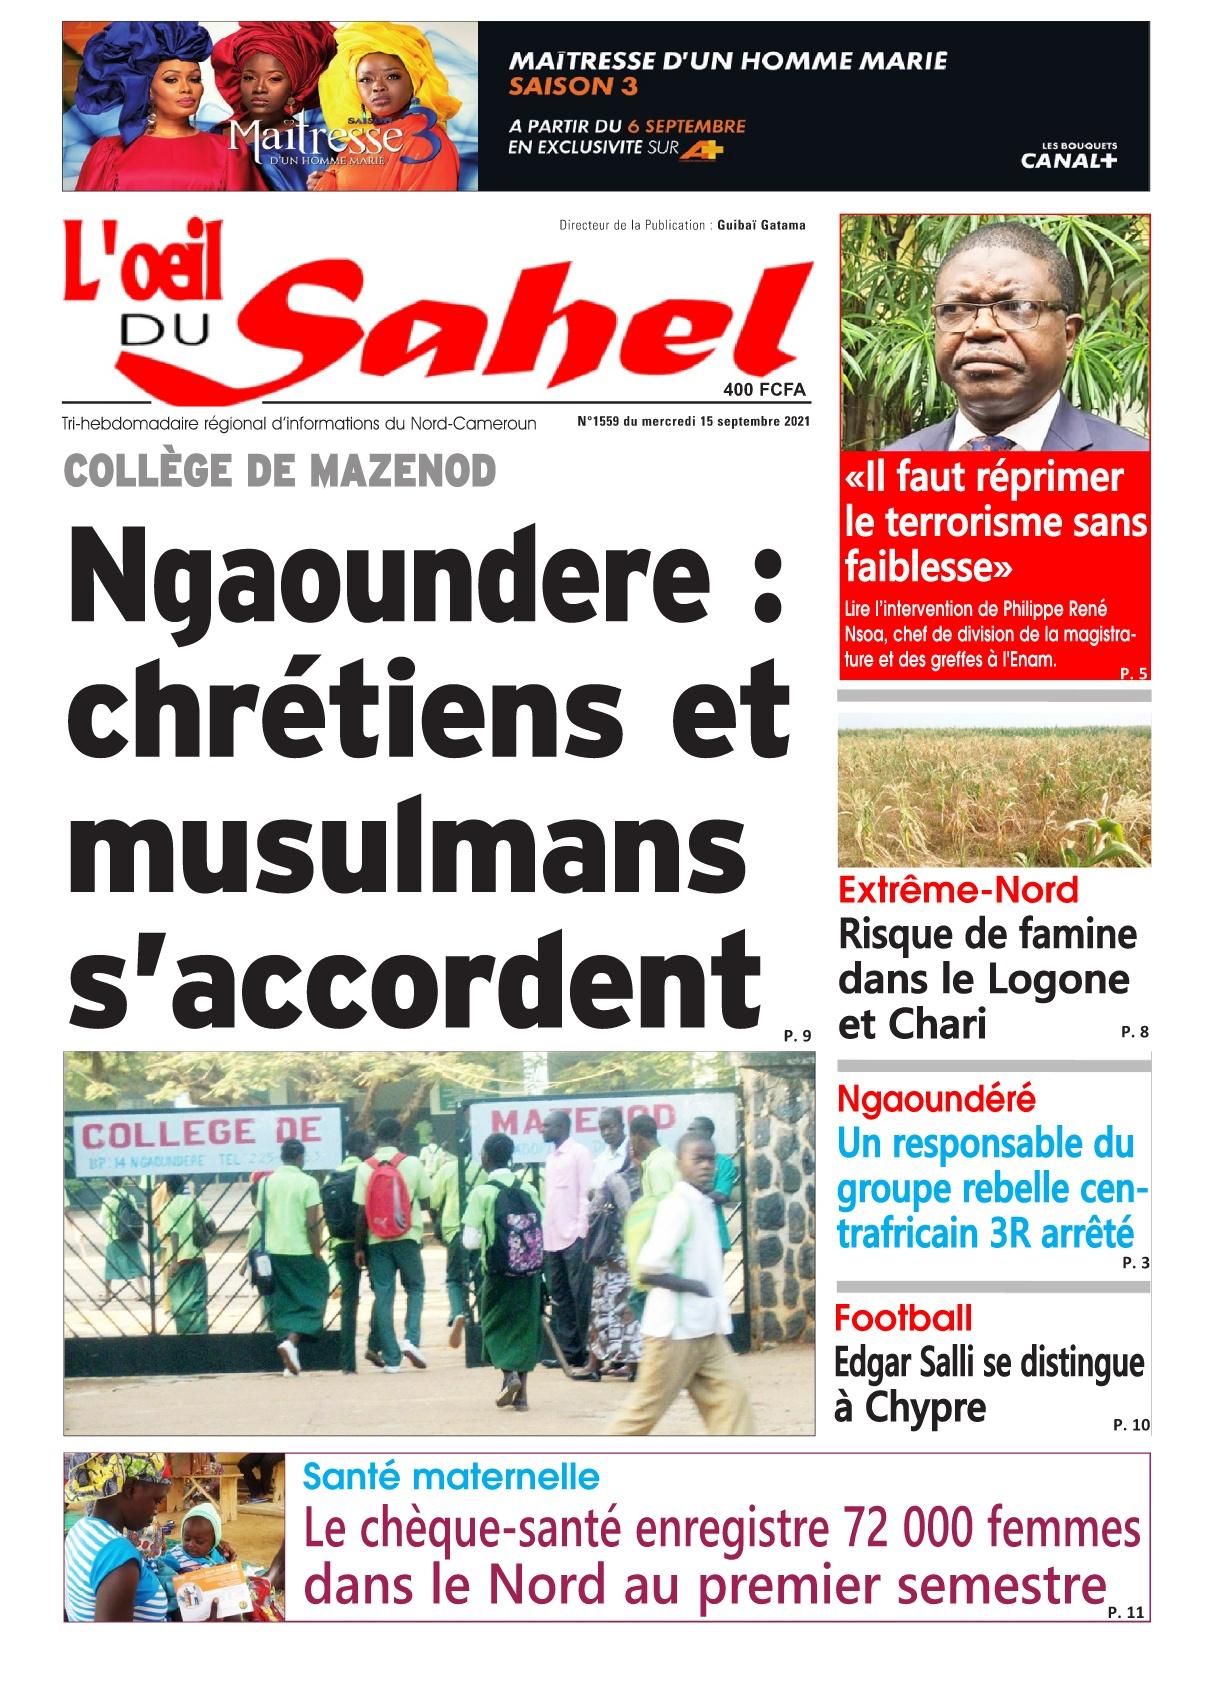 L'oeil du Sahel - 15/09/2021